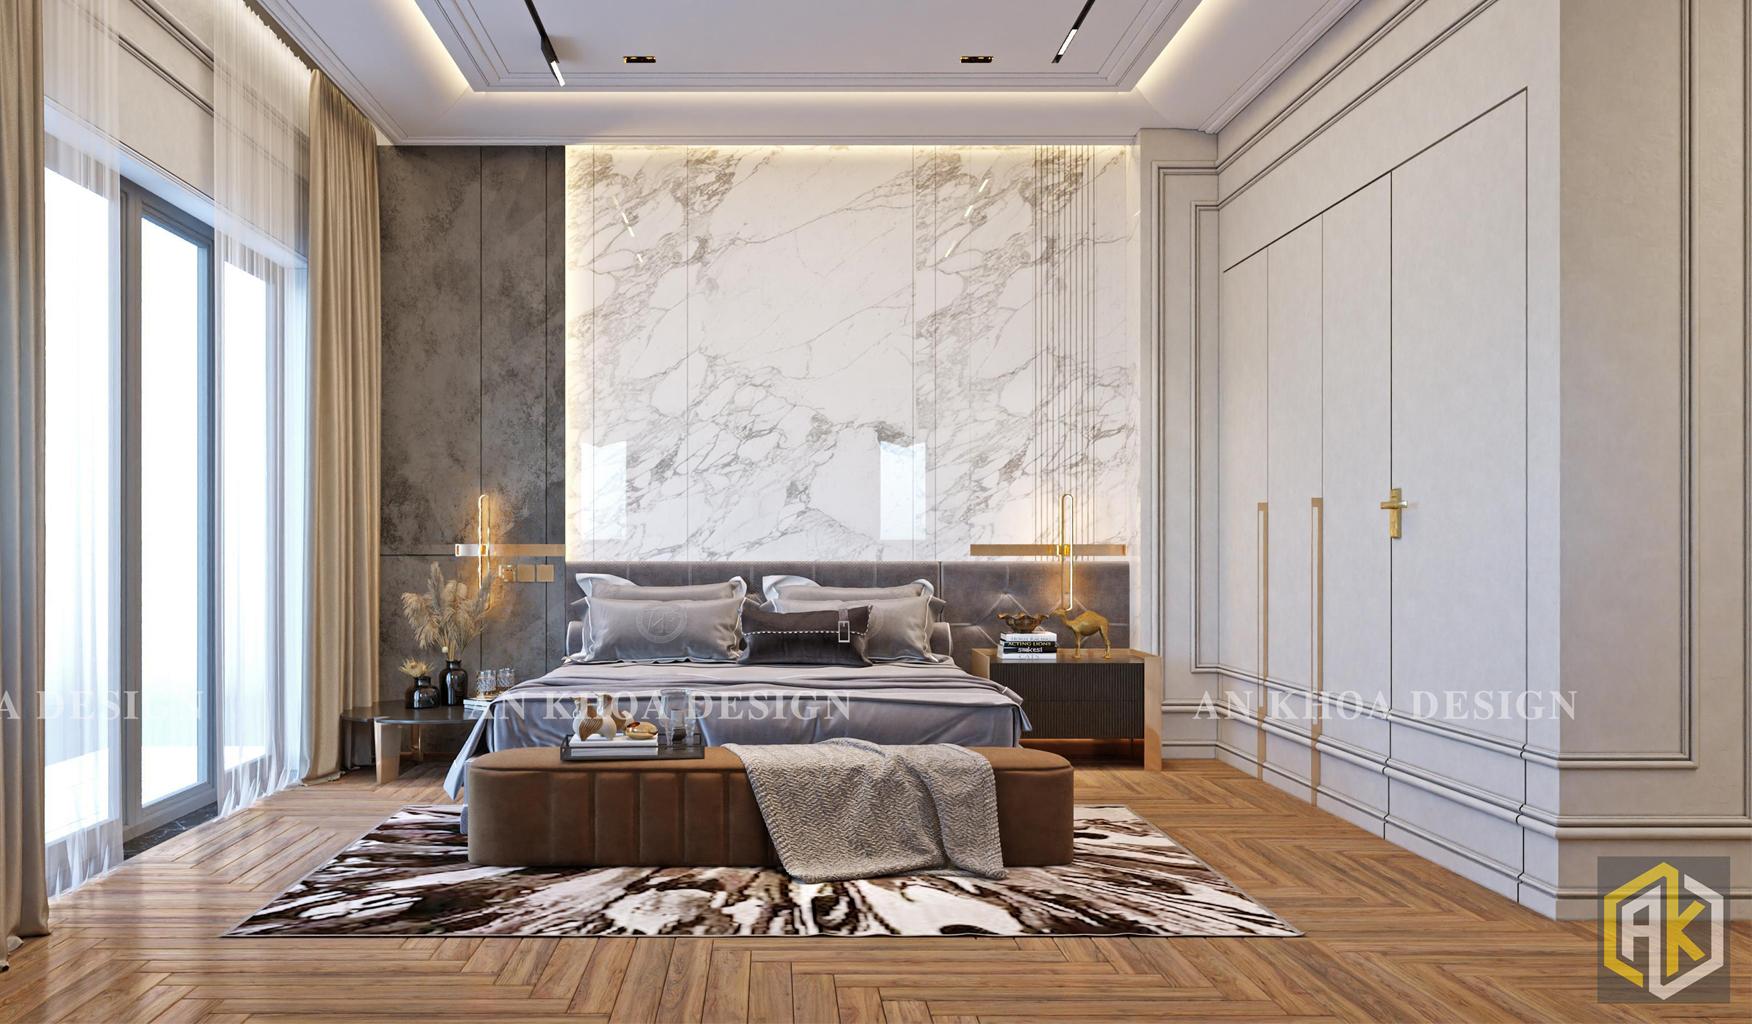 Thiết kế nội thất biệt thự sang trọng(1)